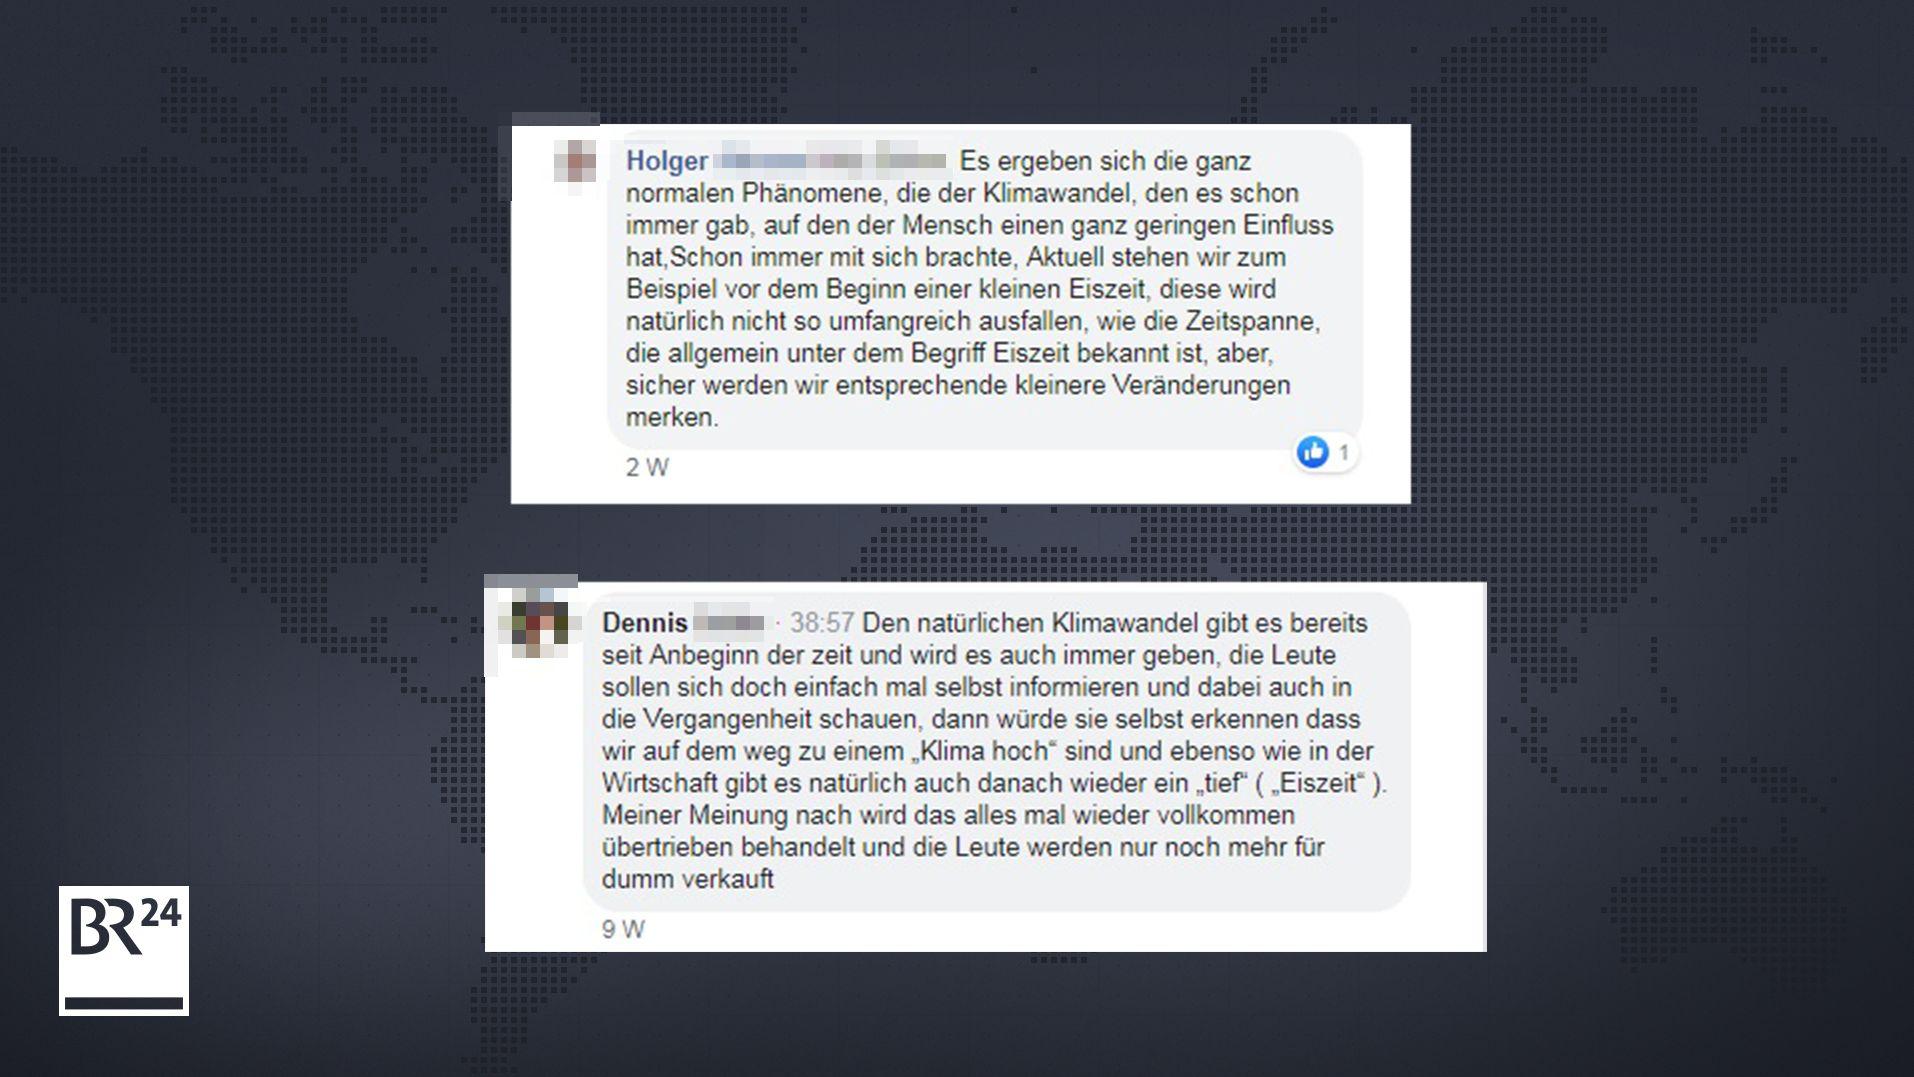 Kommentare von BR24-Usern